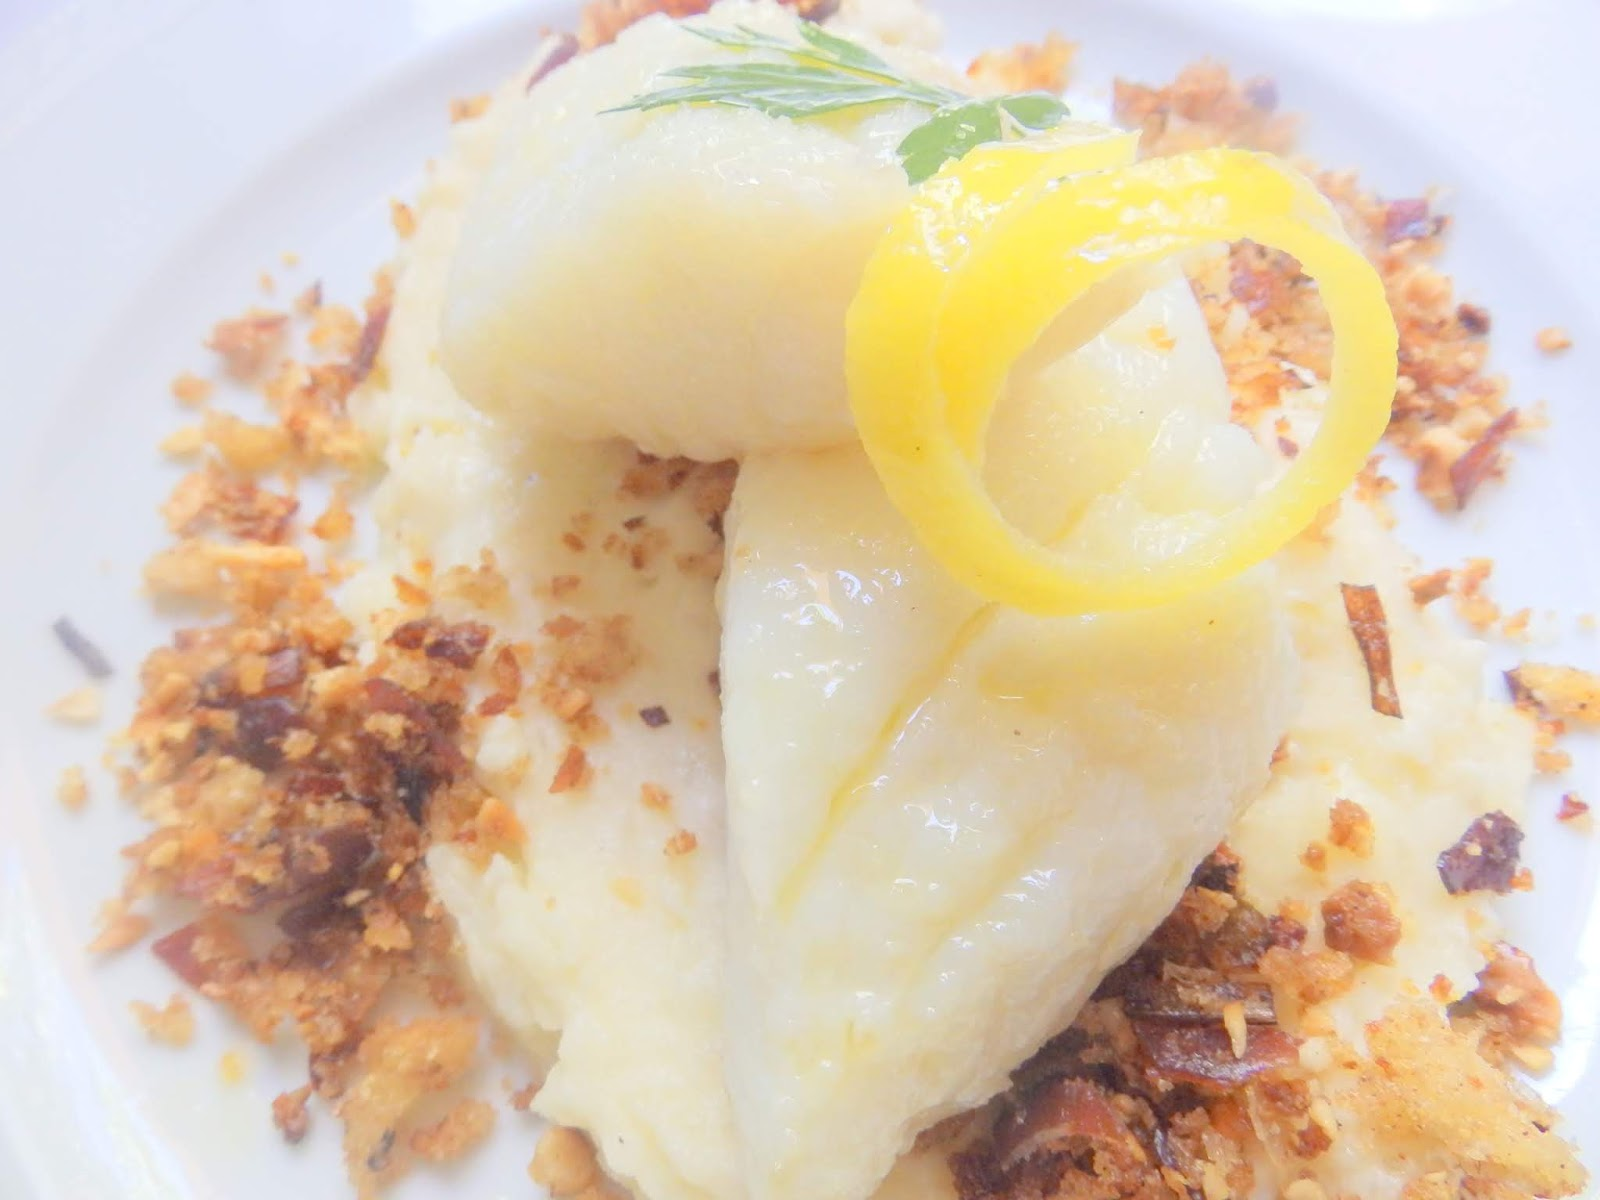 Patata Porner cuina de la mare: bacallà confitat amb engrunes i crema de